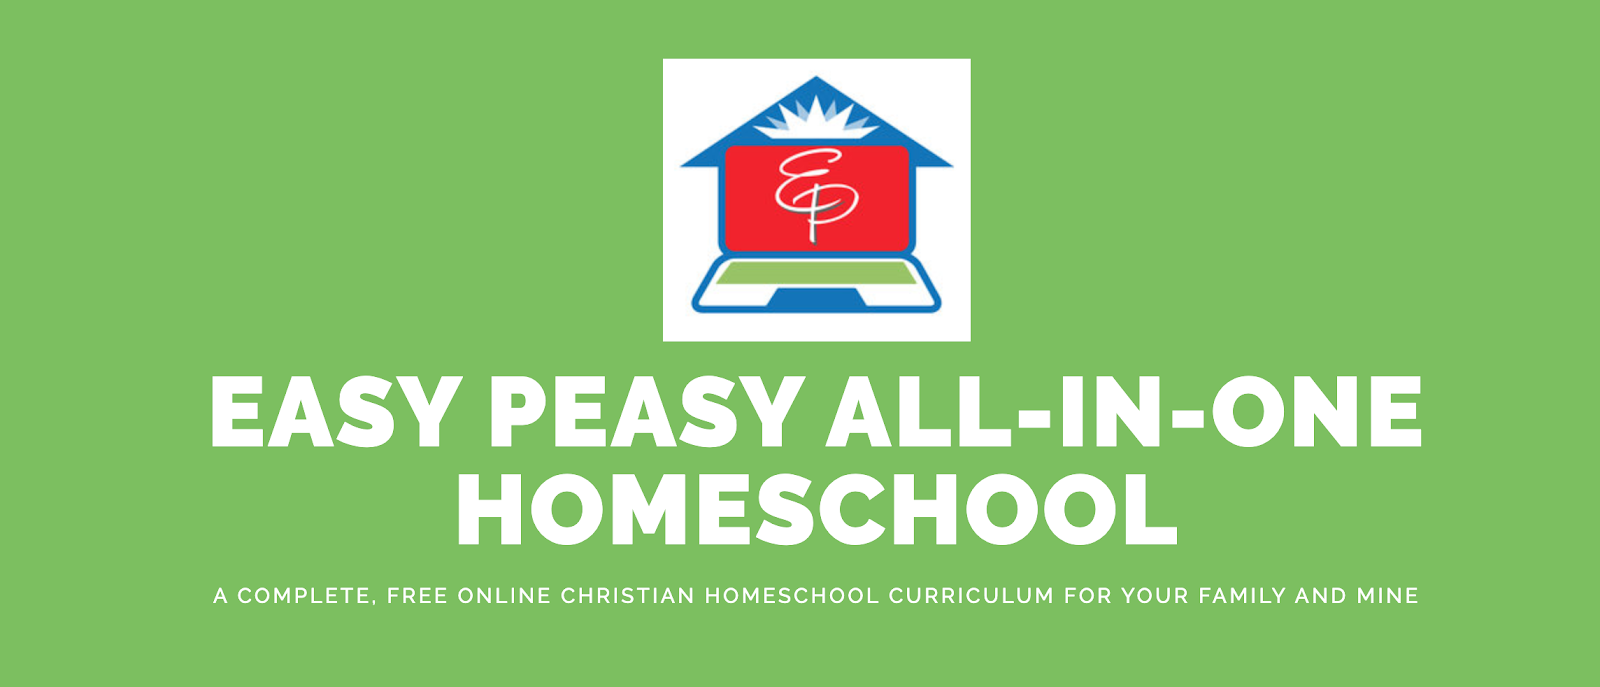 Homeschooling resource